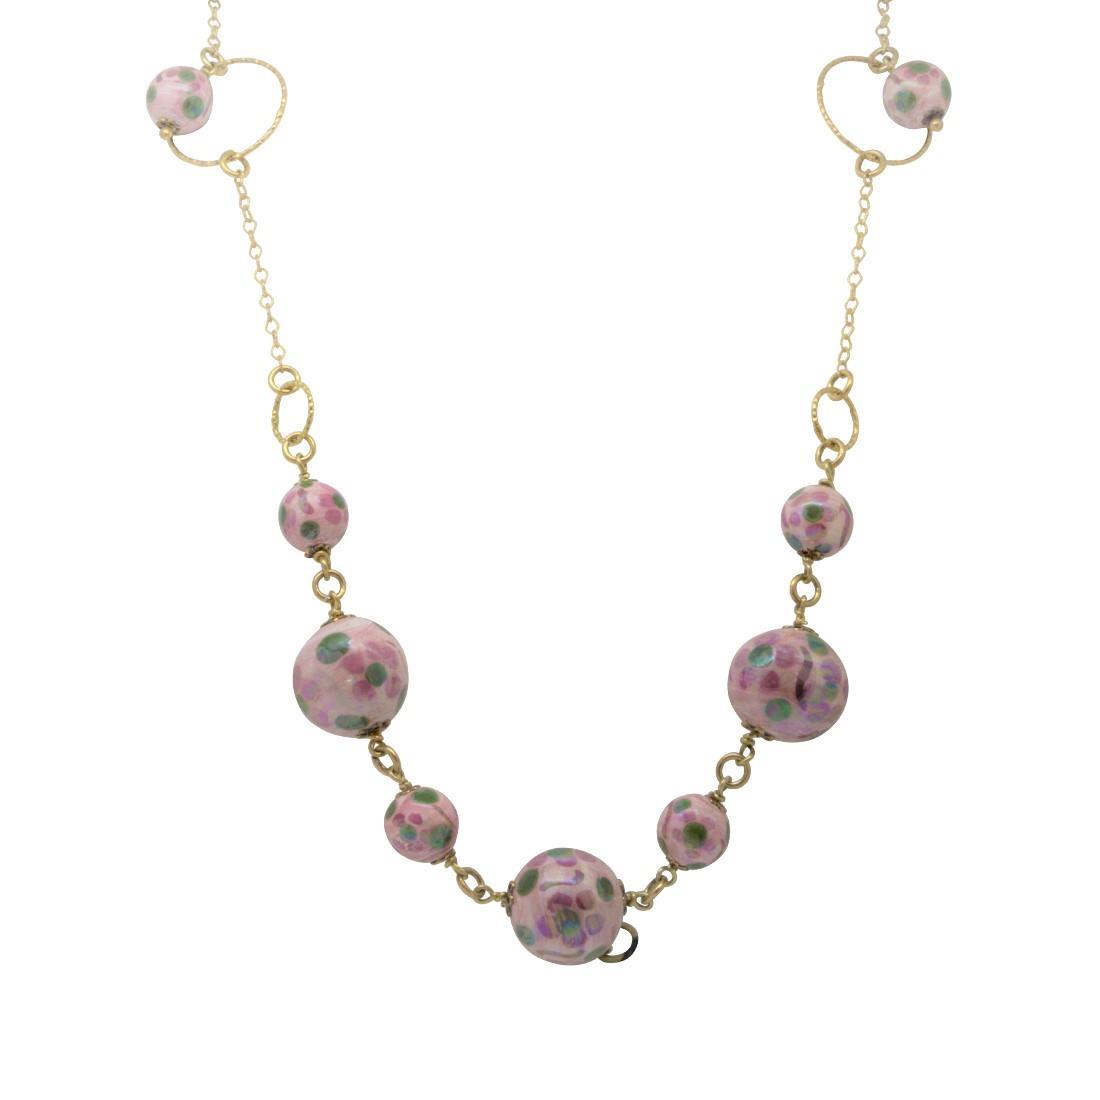 Collana lunga in agento con perle - LE PERLE DI CALTAGIRONE